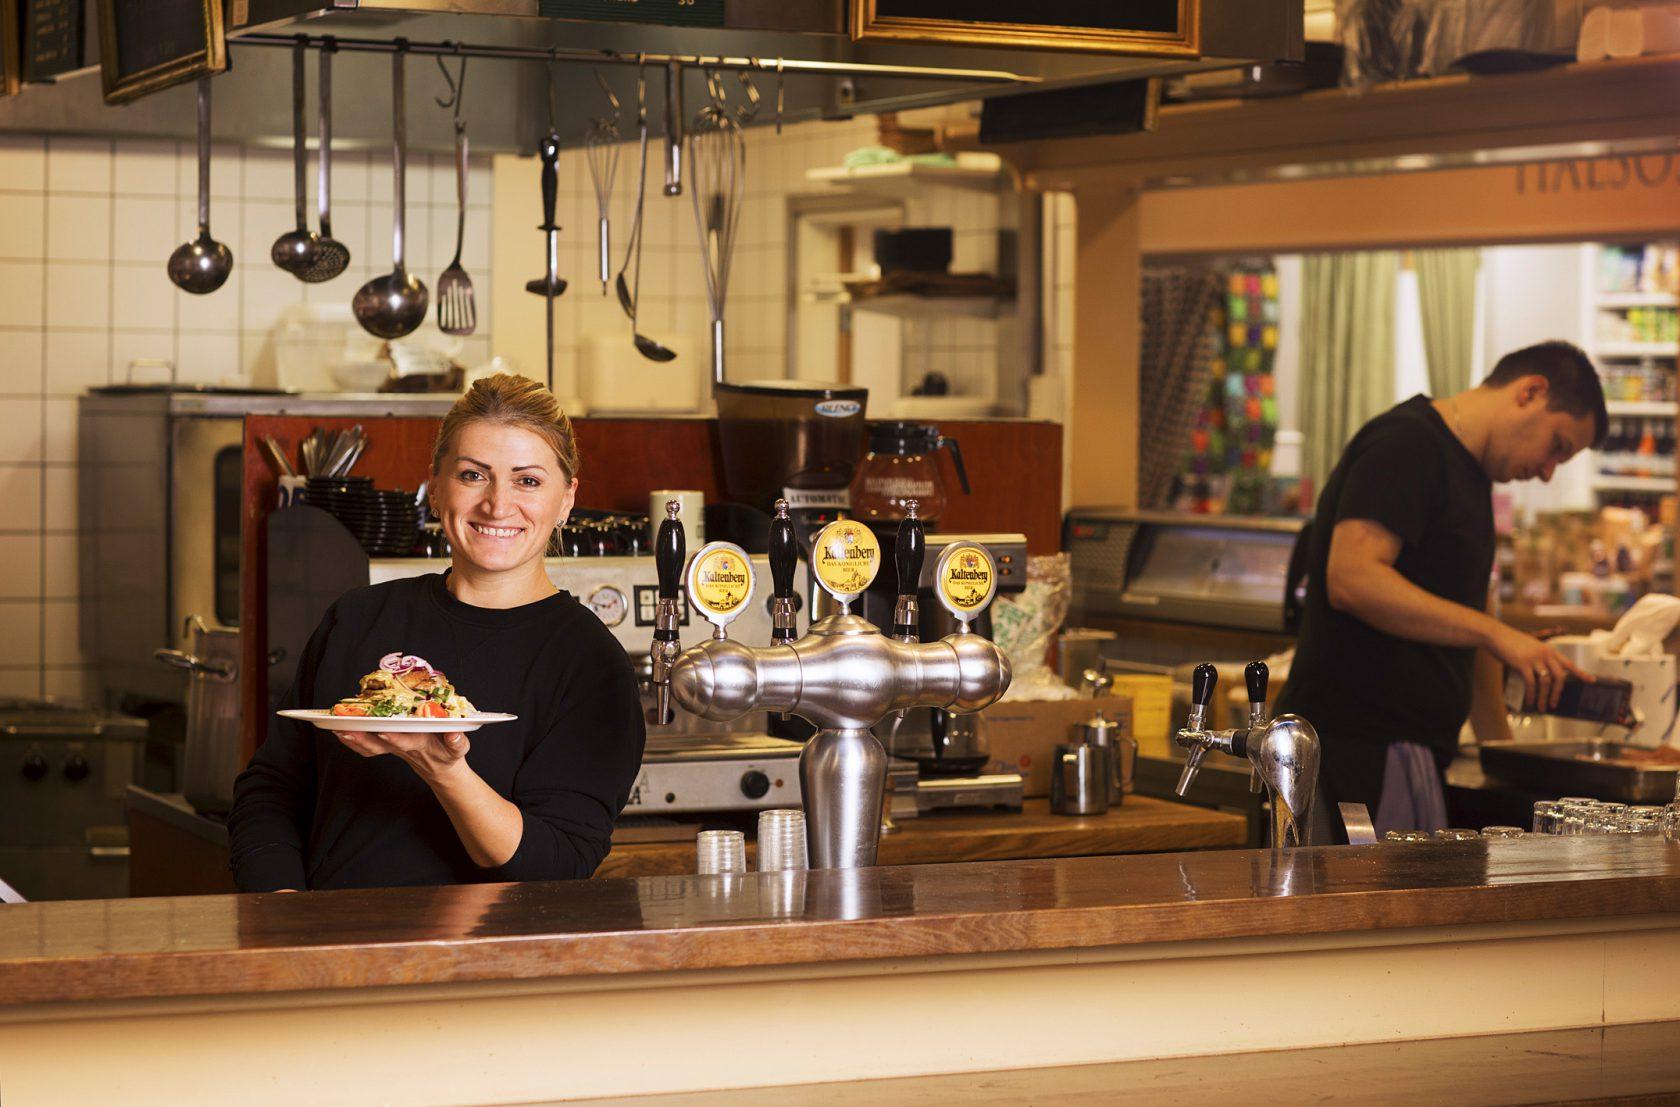 En kvinna står bakom en disk och håller upp en tallrik med mat.